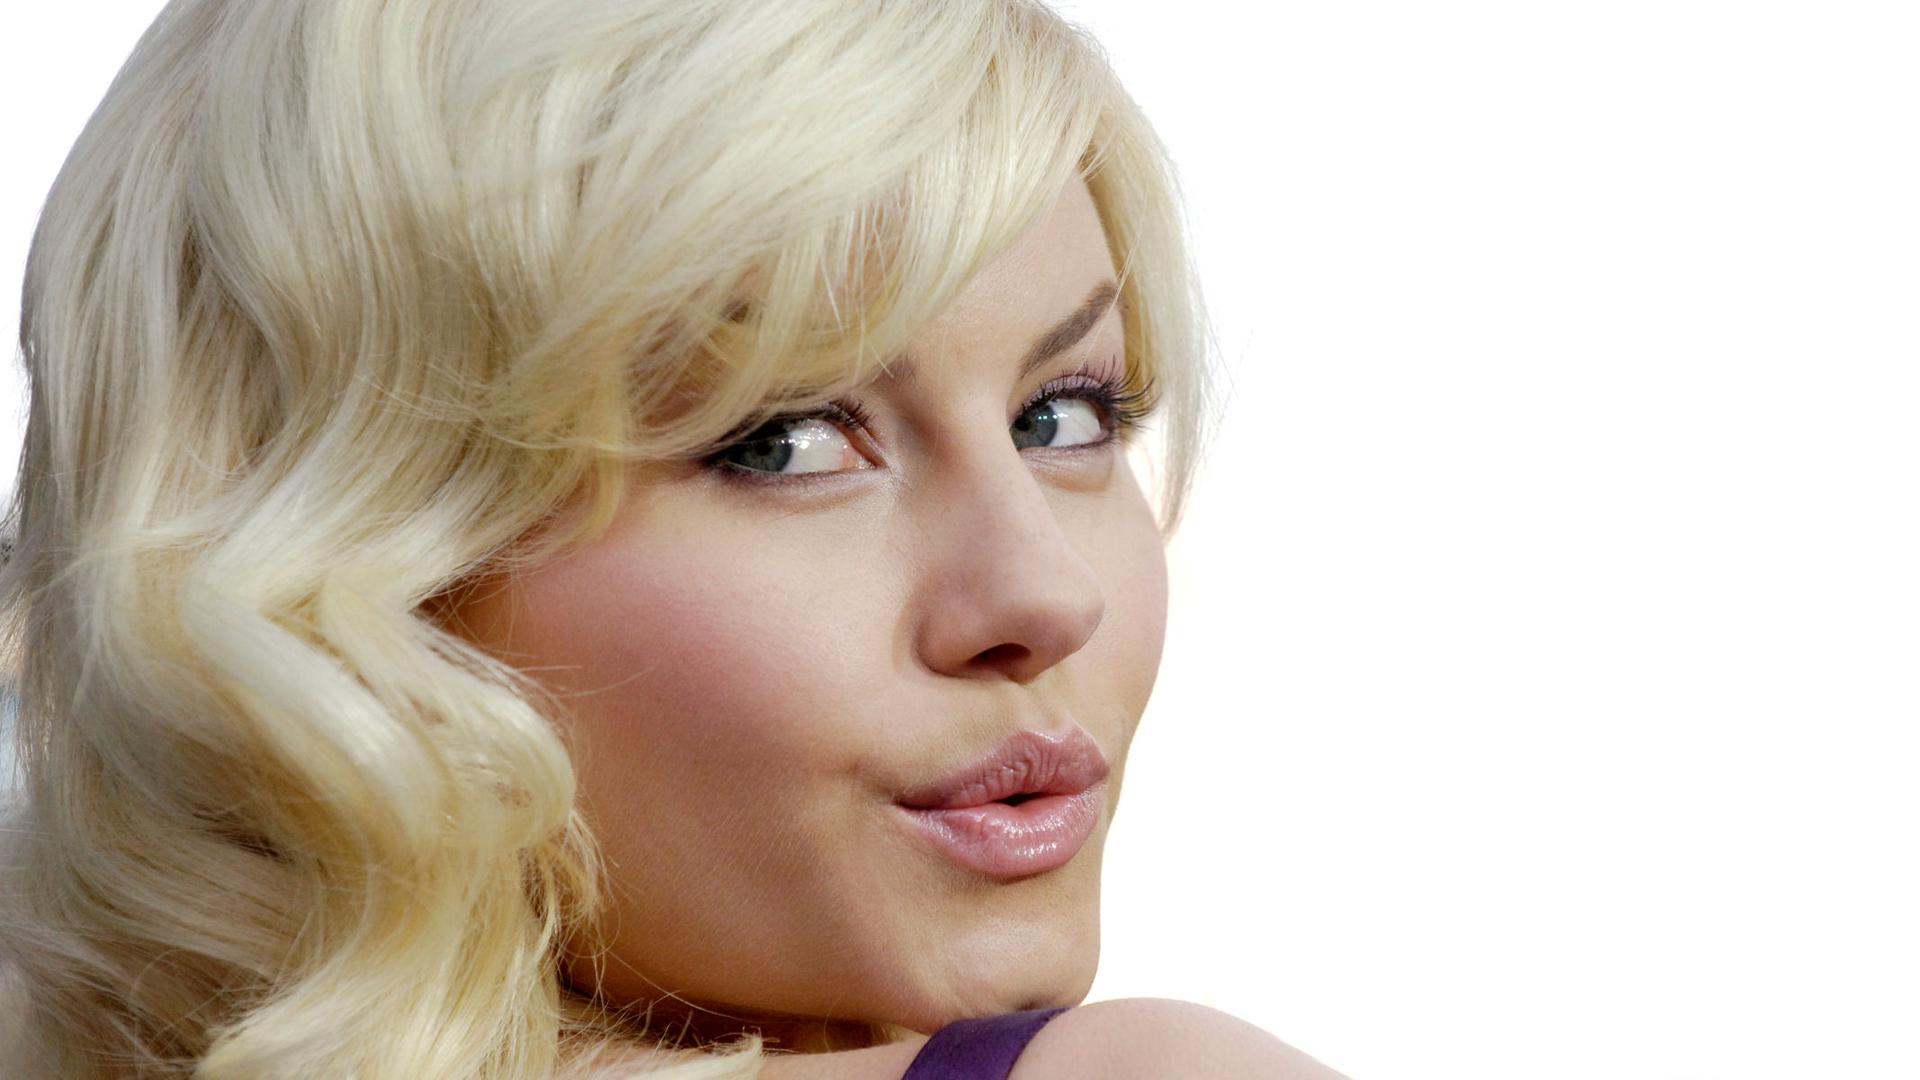 Фото с пухленькими губками, Девушки с отвисшими половыми губами - (65 фото) 10 фотография